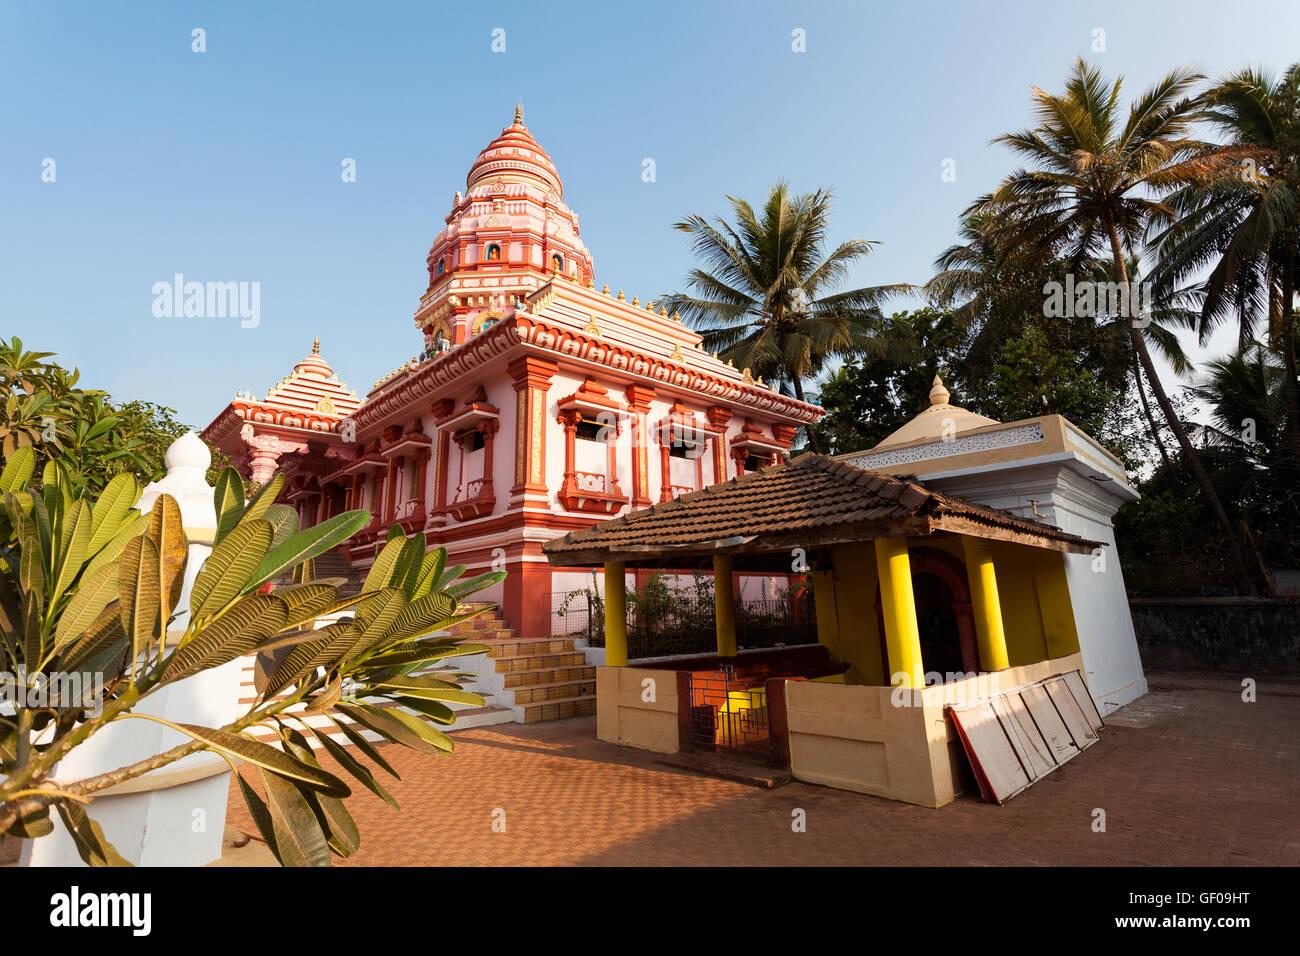 hindu temple india goa - Stock Image